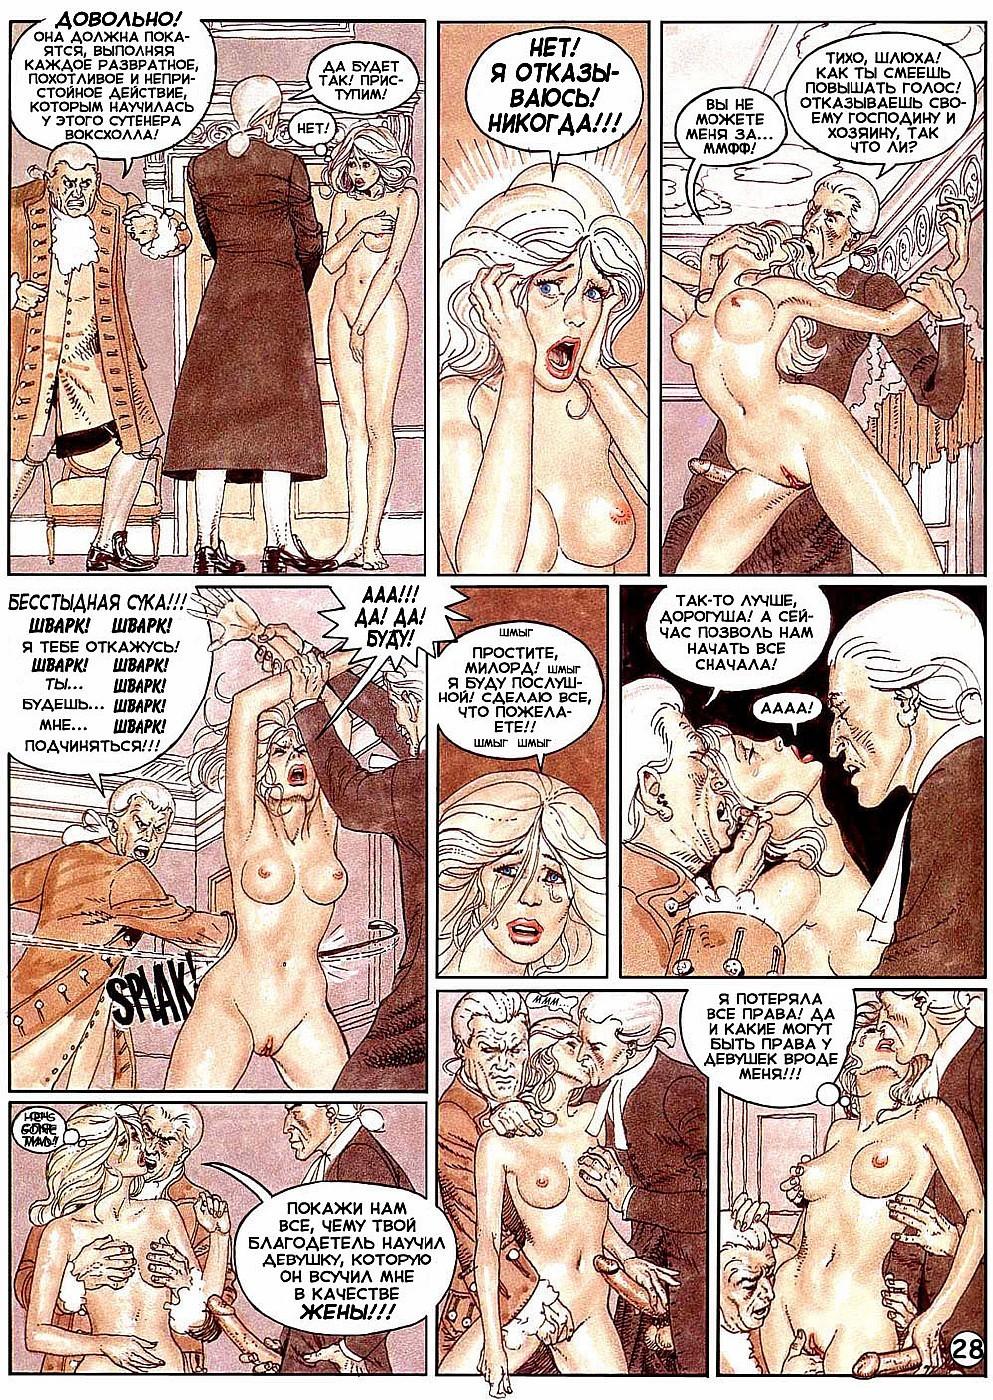 besplatni-seks-istoricheskiy